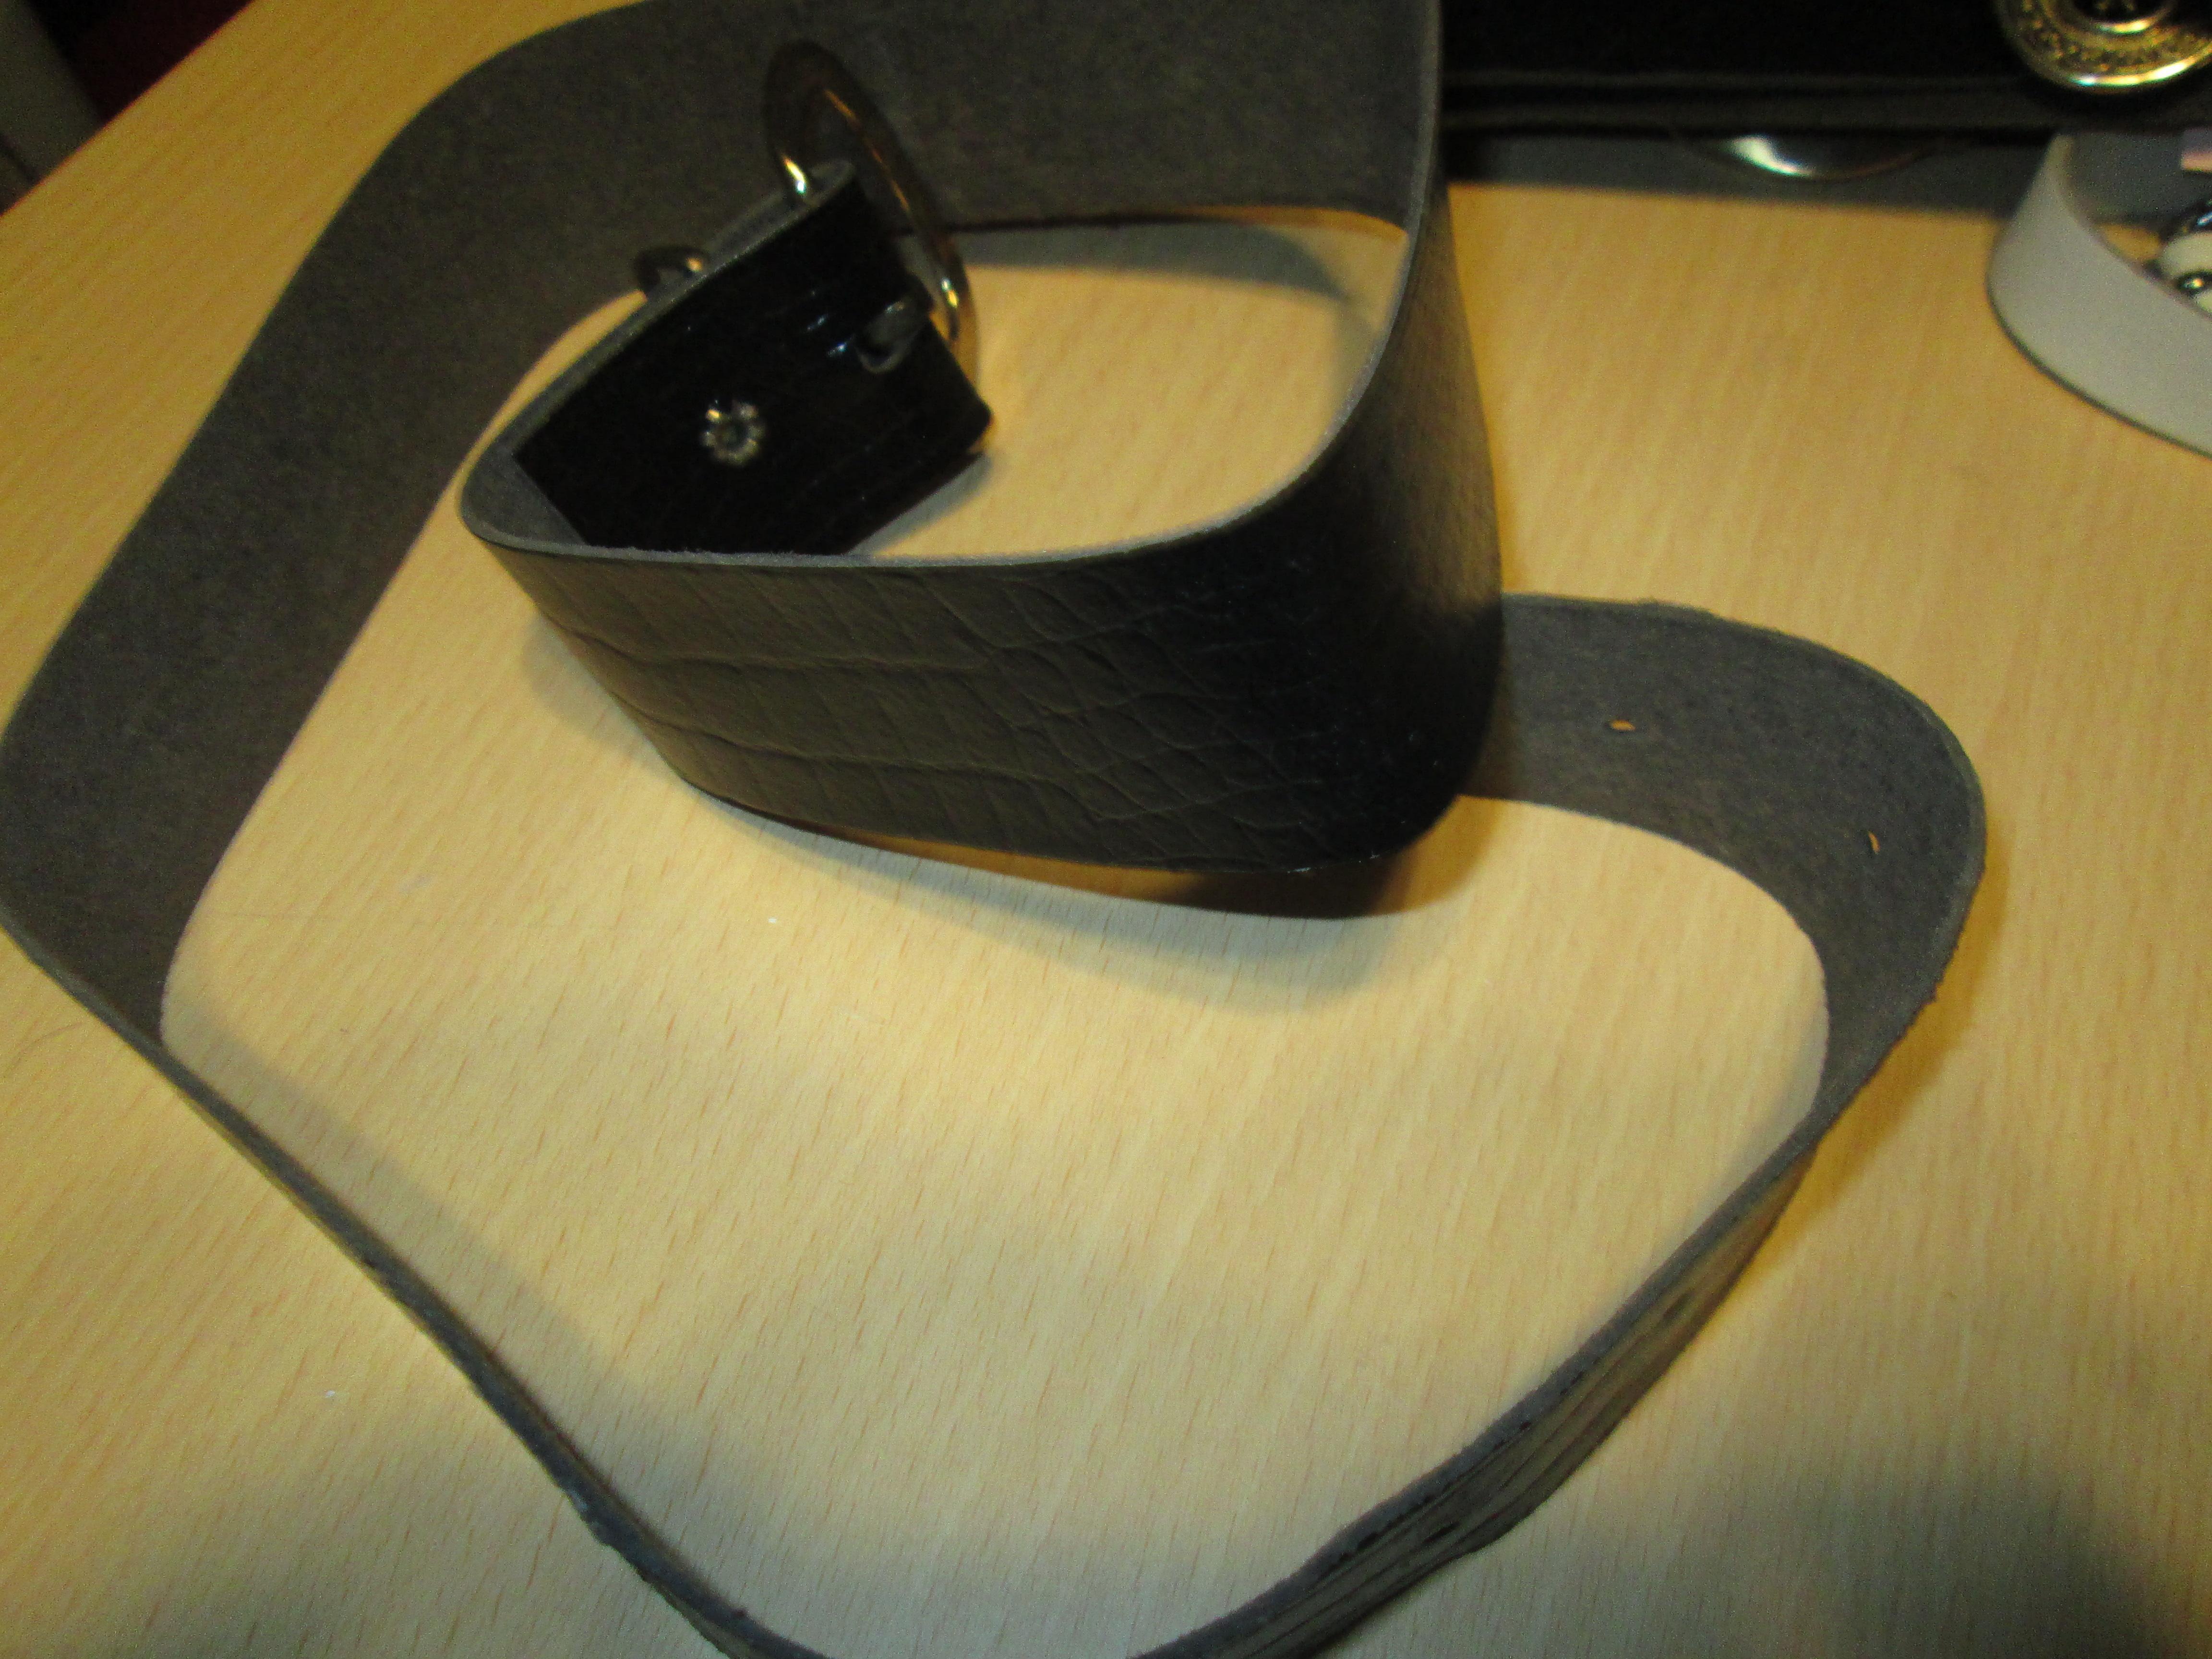 troc de troc ceinture noir 85 cm 3 noisettes image 0